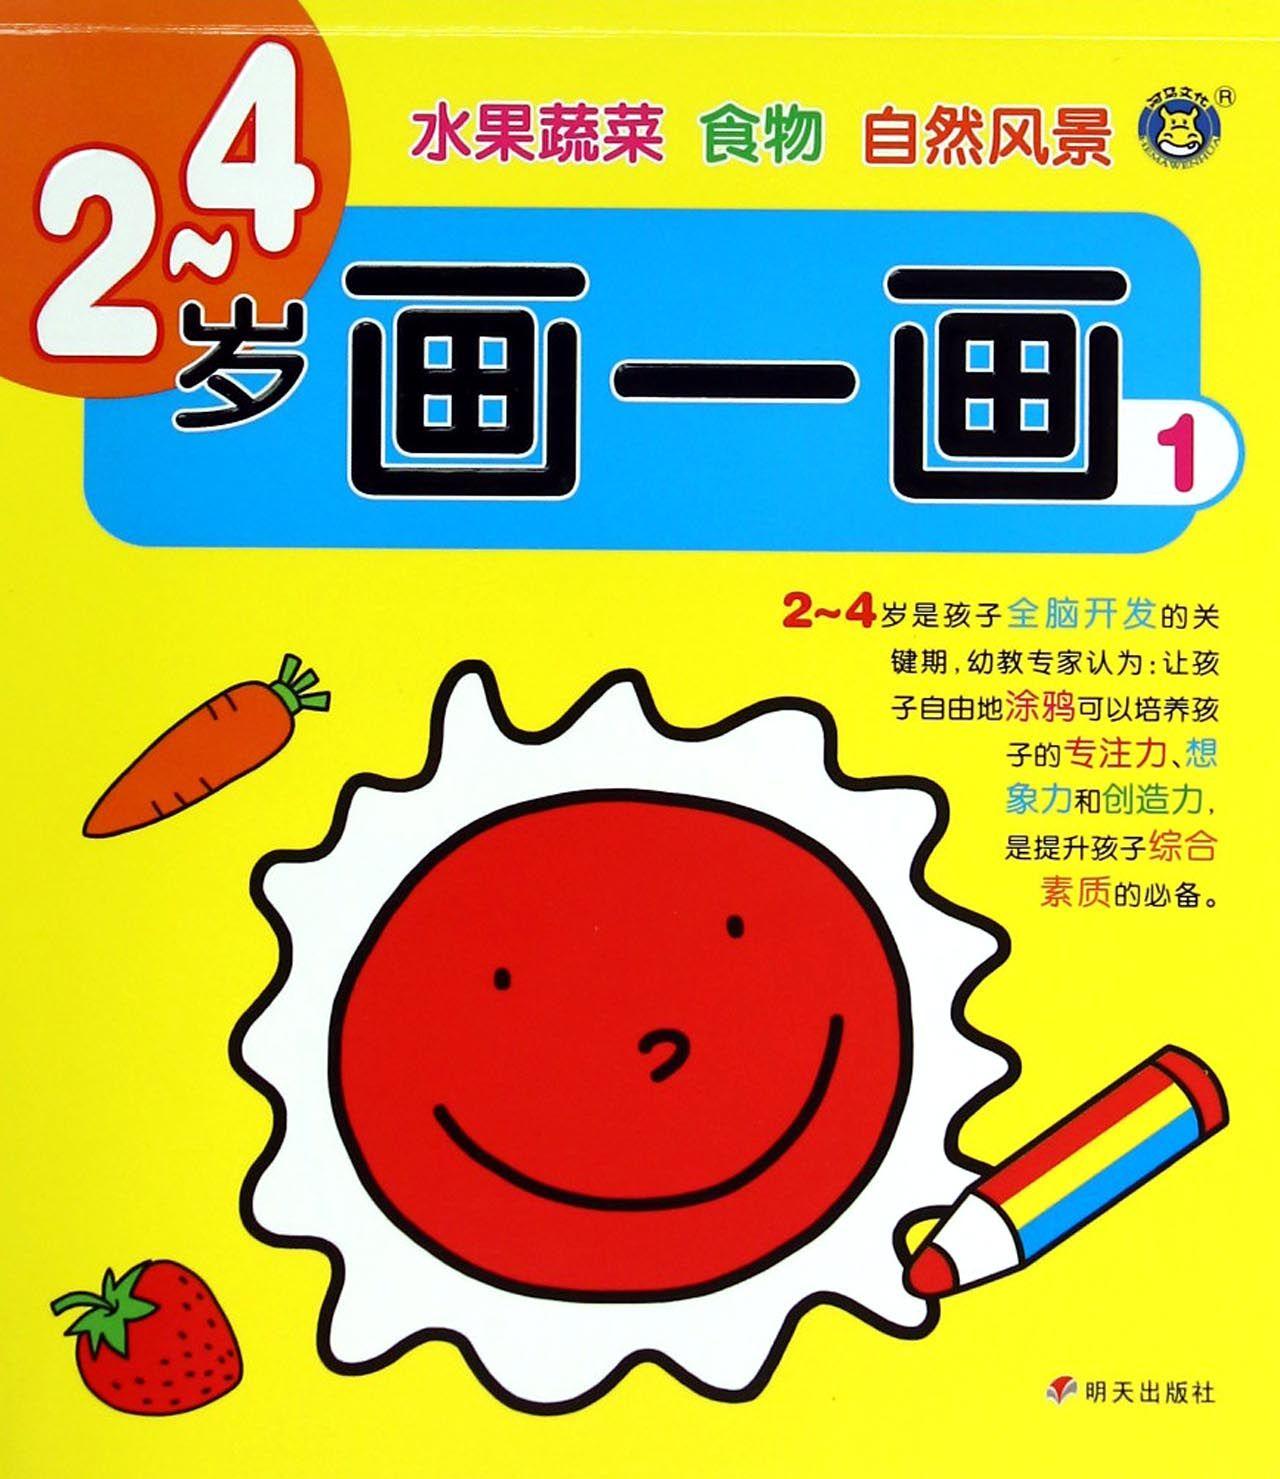 2-4歲畫一畫(1水果蔬菜食物自然風景)